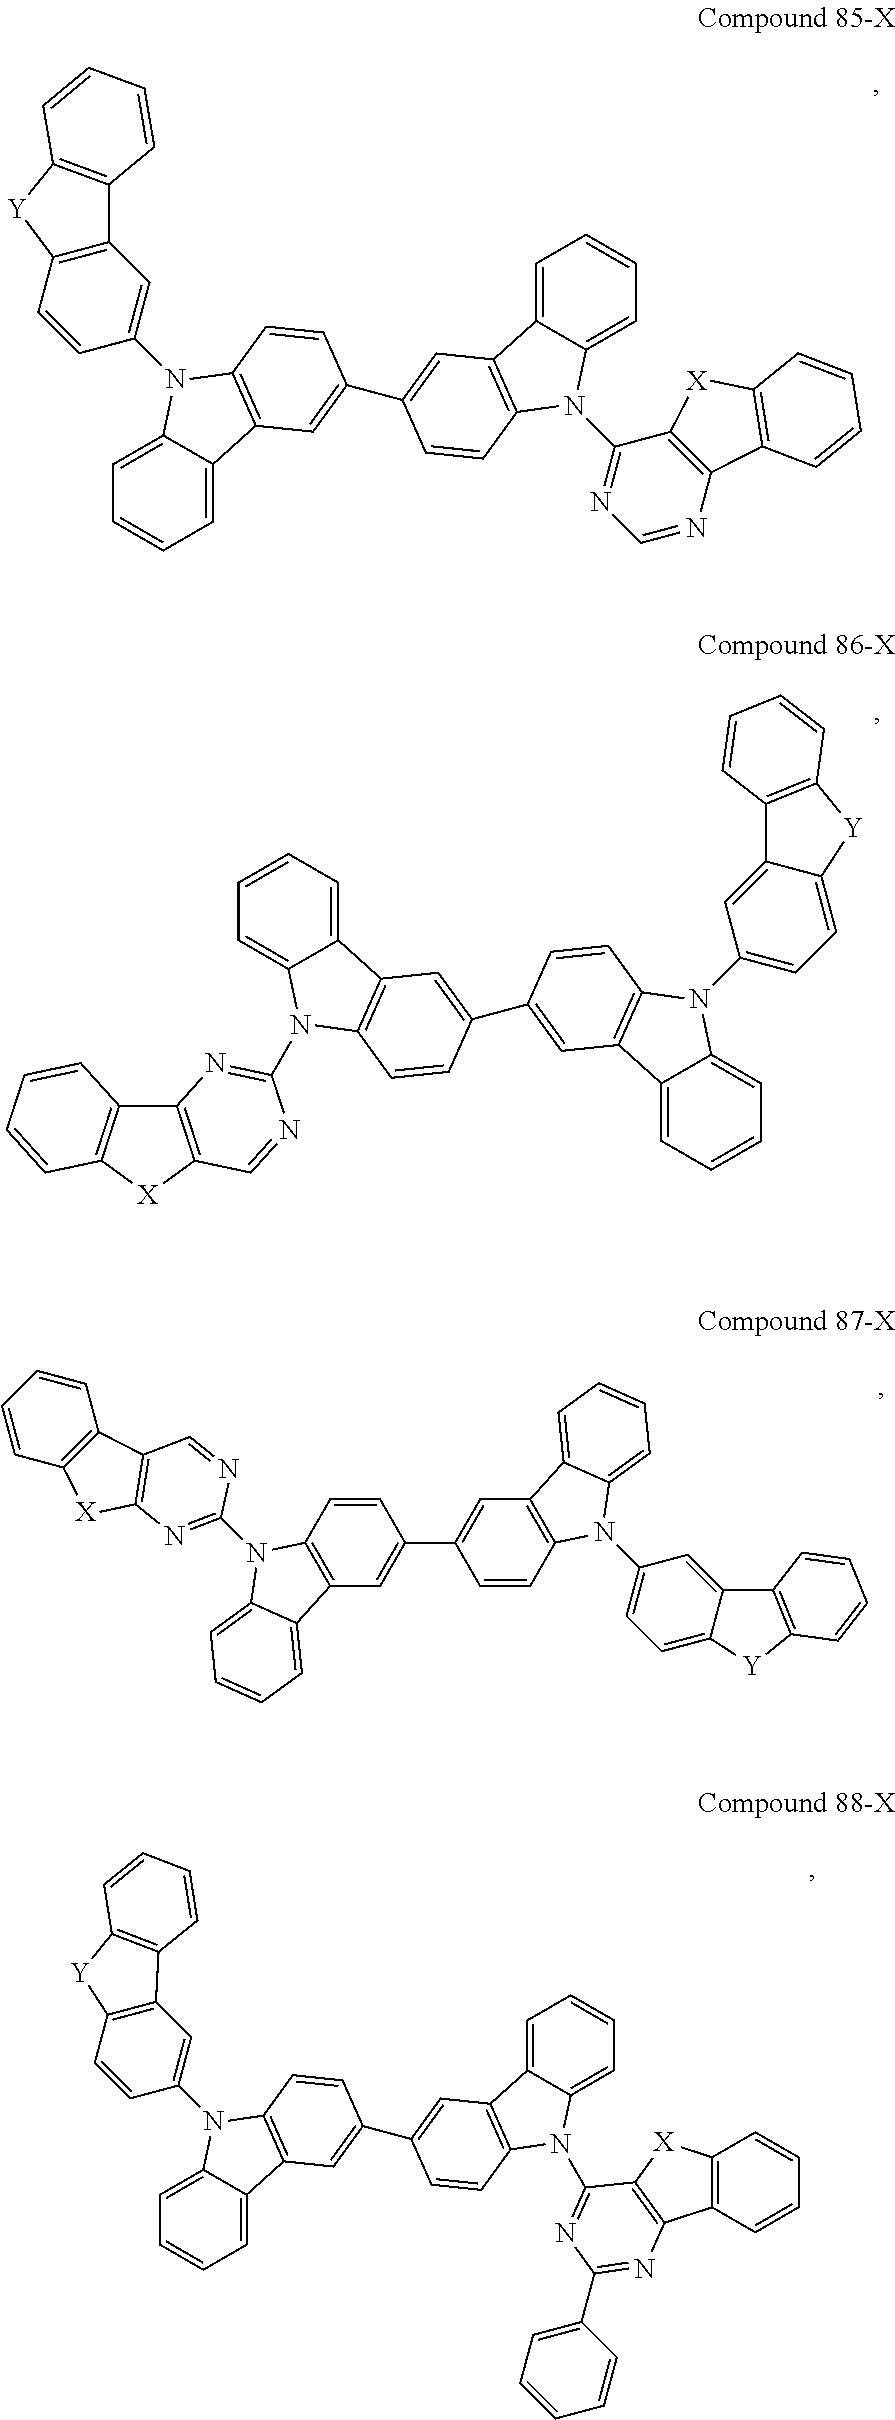 Figure US09553274-20170124-C00025